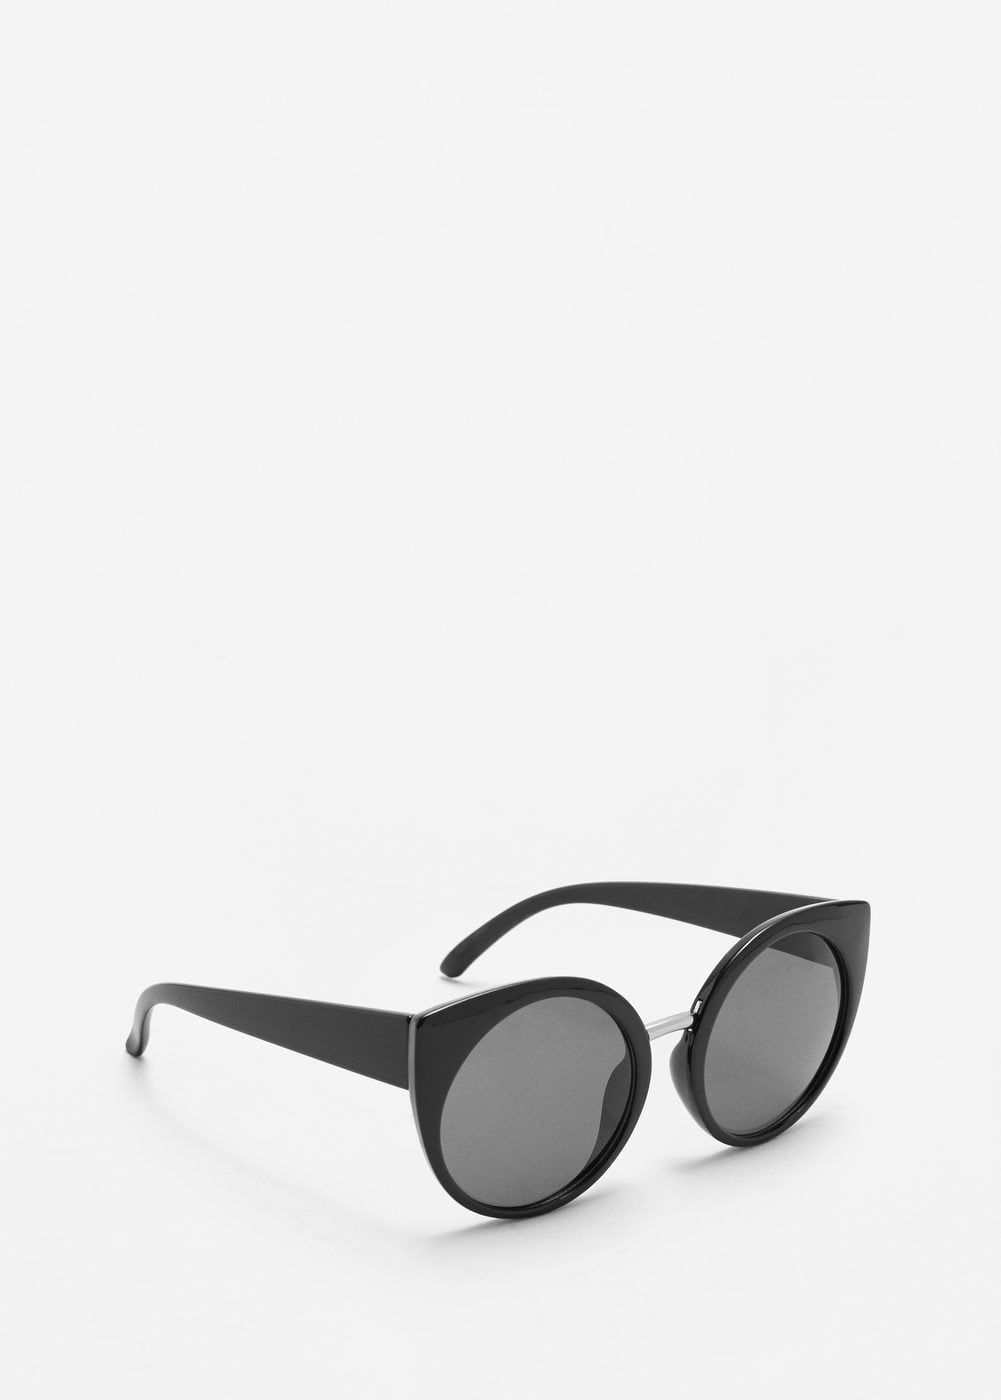 bc711b7df9faba Lunettes de soleil cat-eye - Femme. Солнцезащитные очки